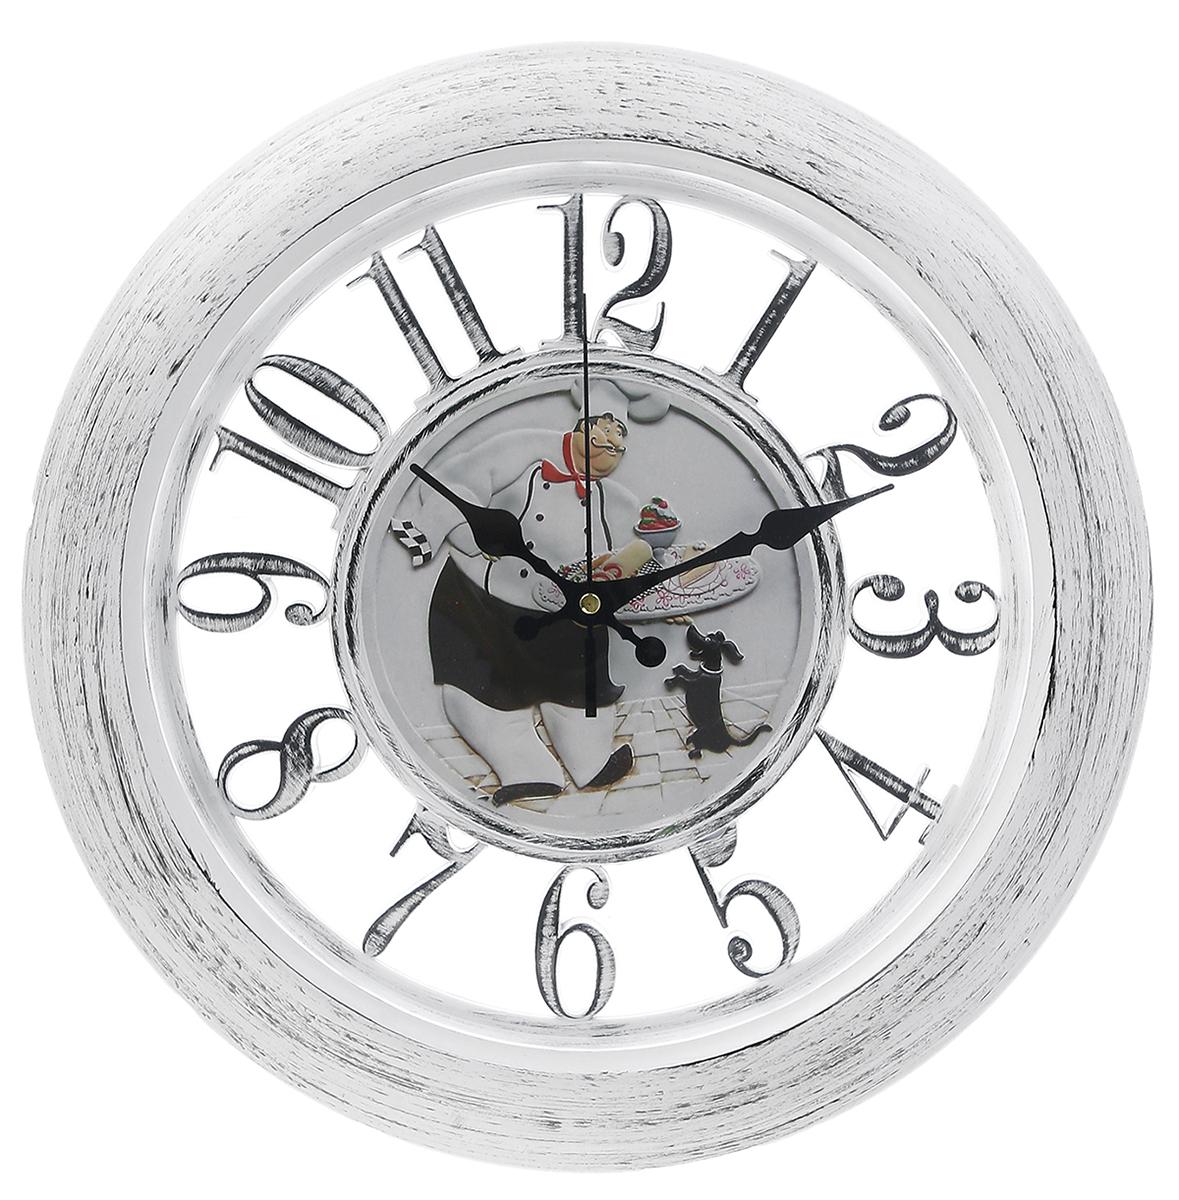 Часы настенные Поваренок, диаметр 34 см хочу продать свою квартиру которая менее 3х лет и другую какие налоги надо заплатить